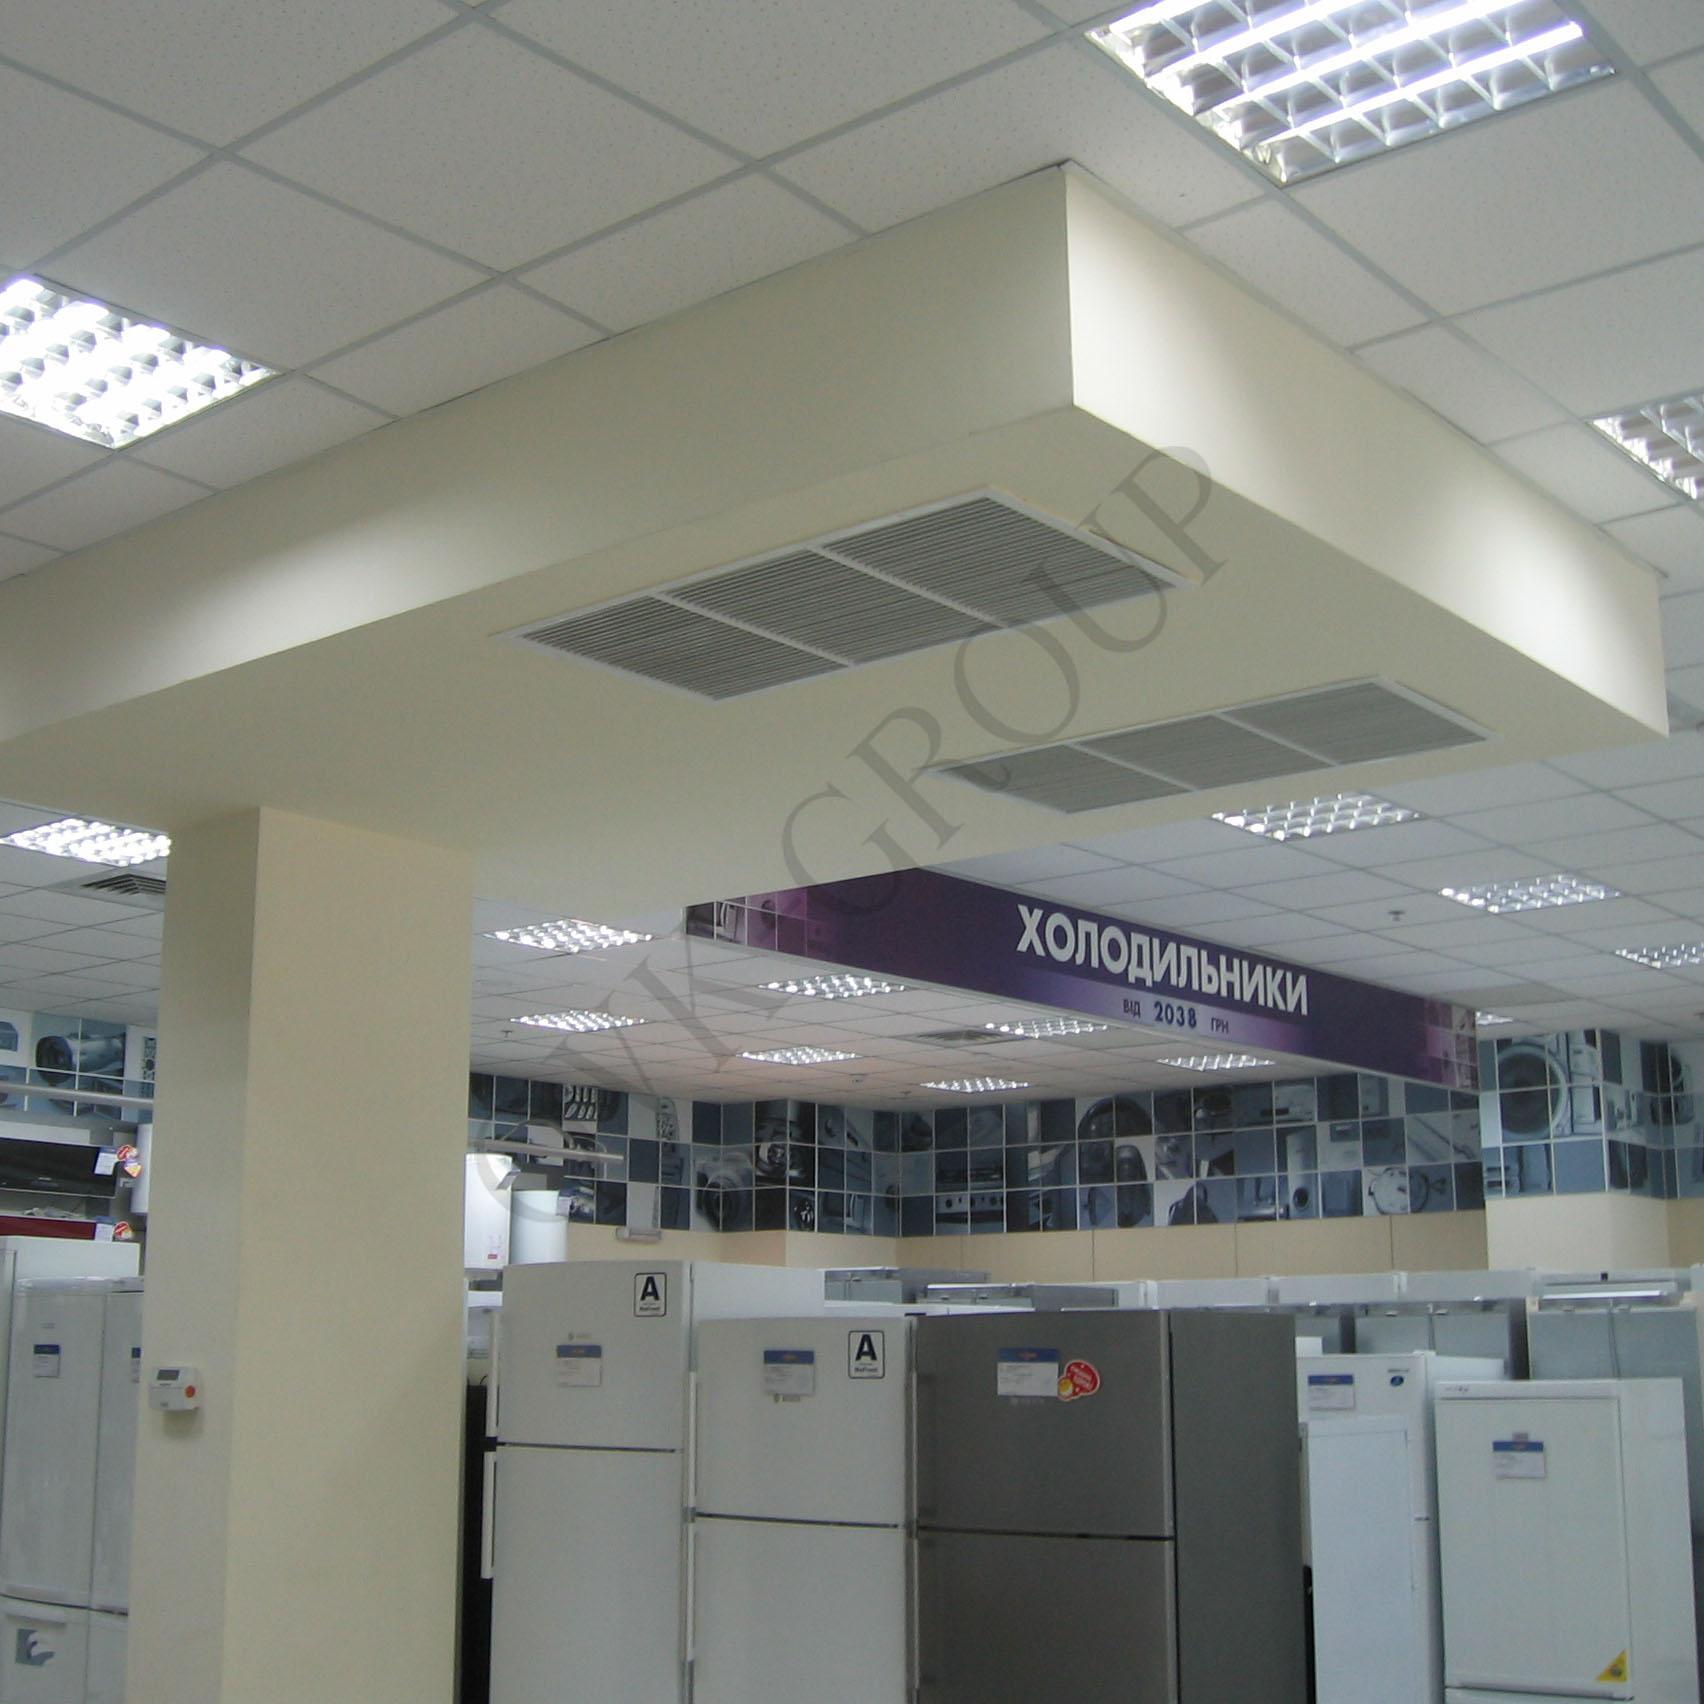 Проектирование климатичеких систем непродовльственного магазина